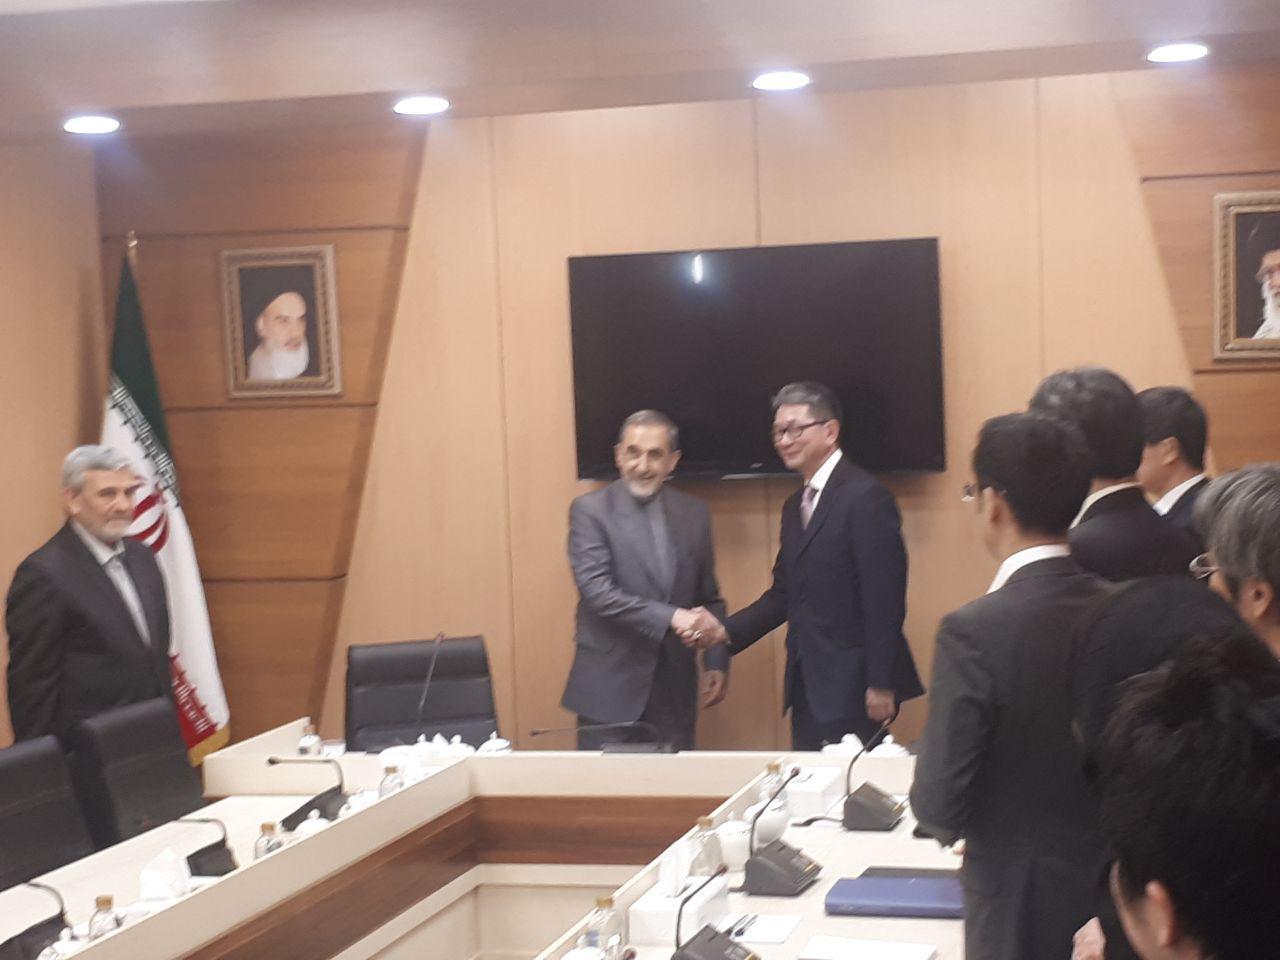 ولايتي: اليابان تحظي بمكانة وأهمية خاصة لدي إيران